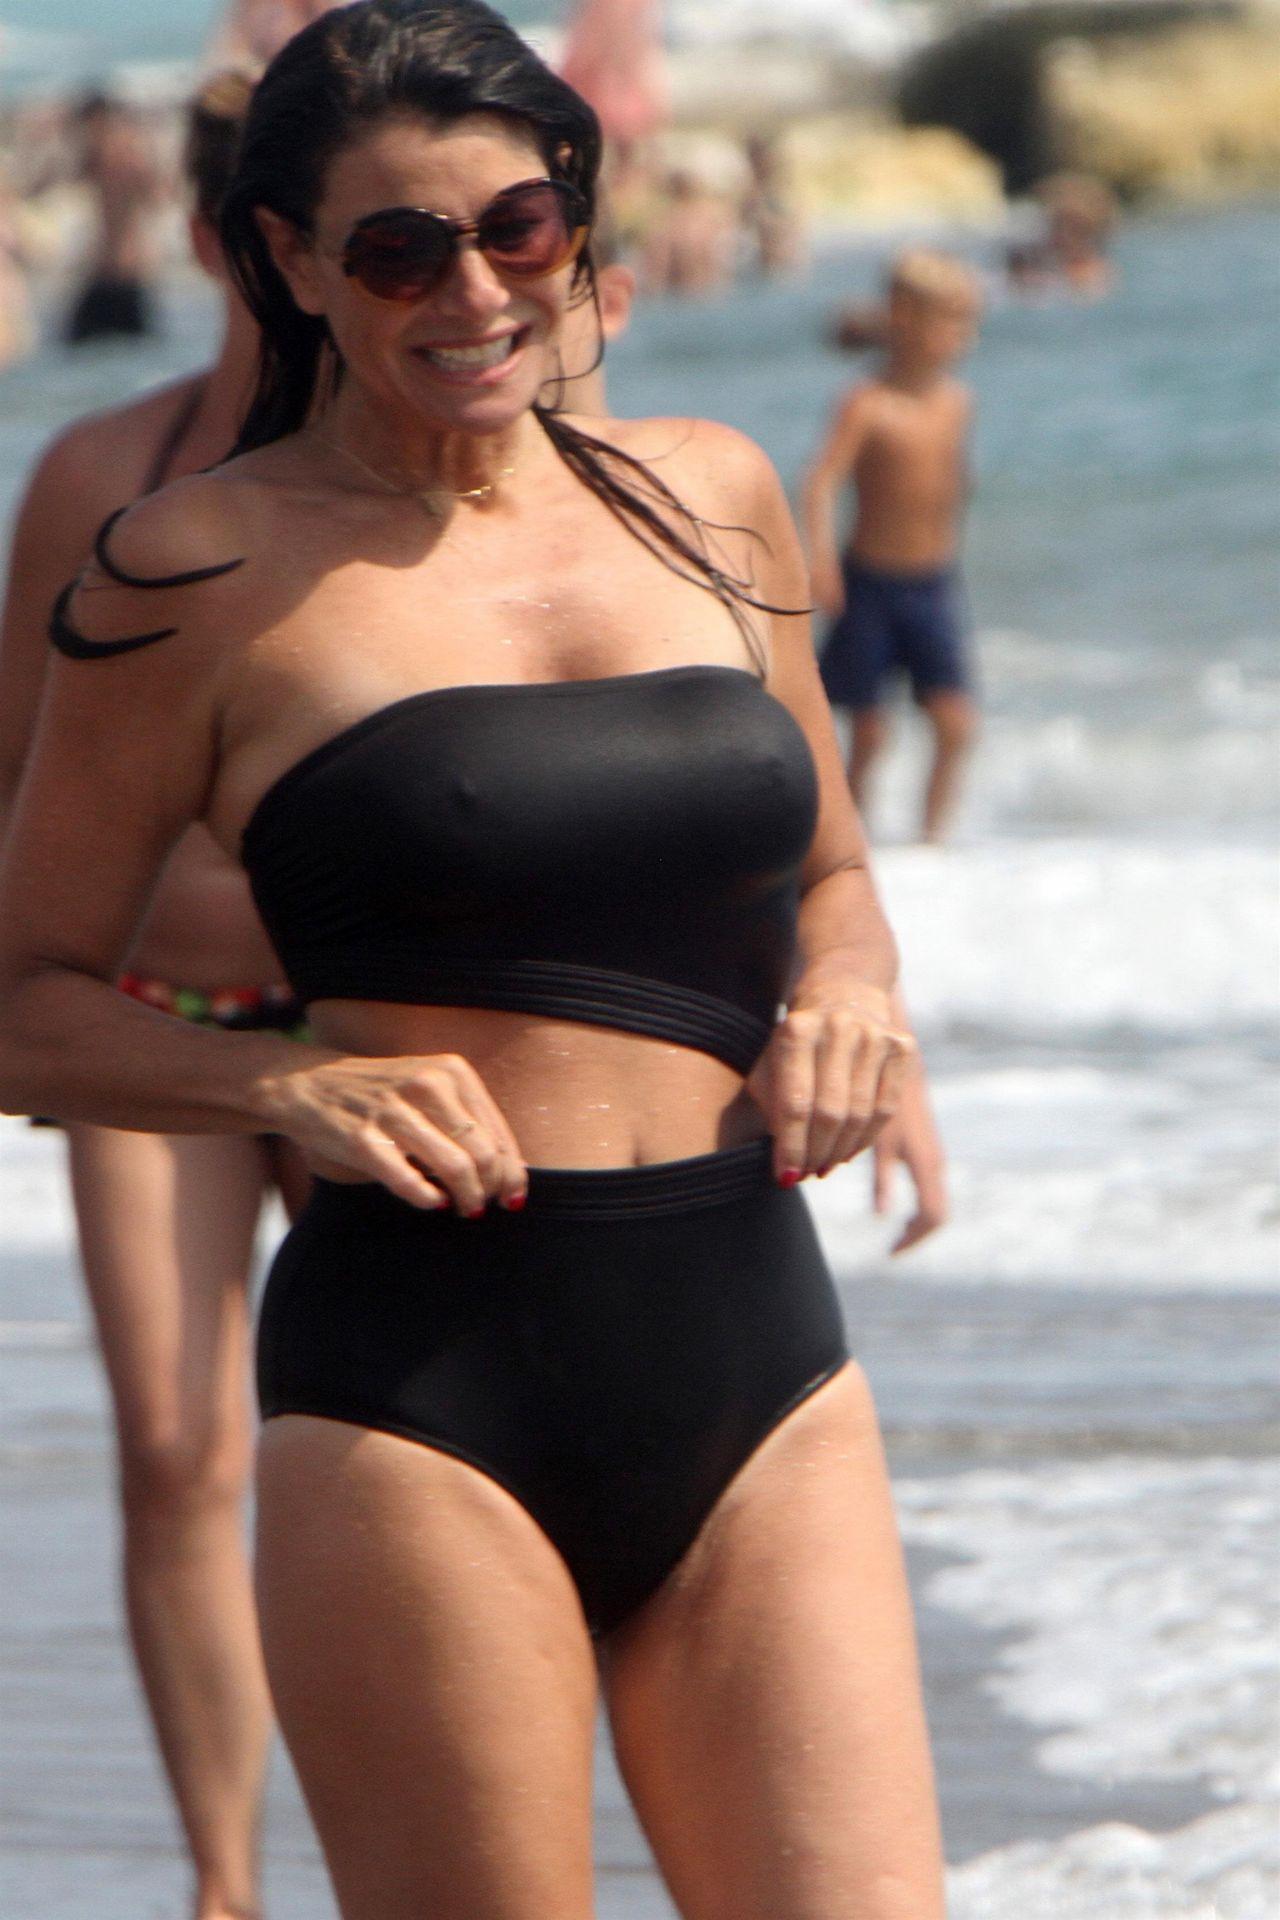 Upskirt collection hot summer 3 - 3 part 2